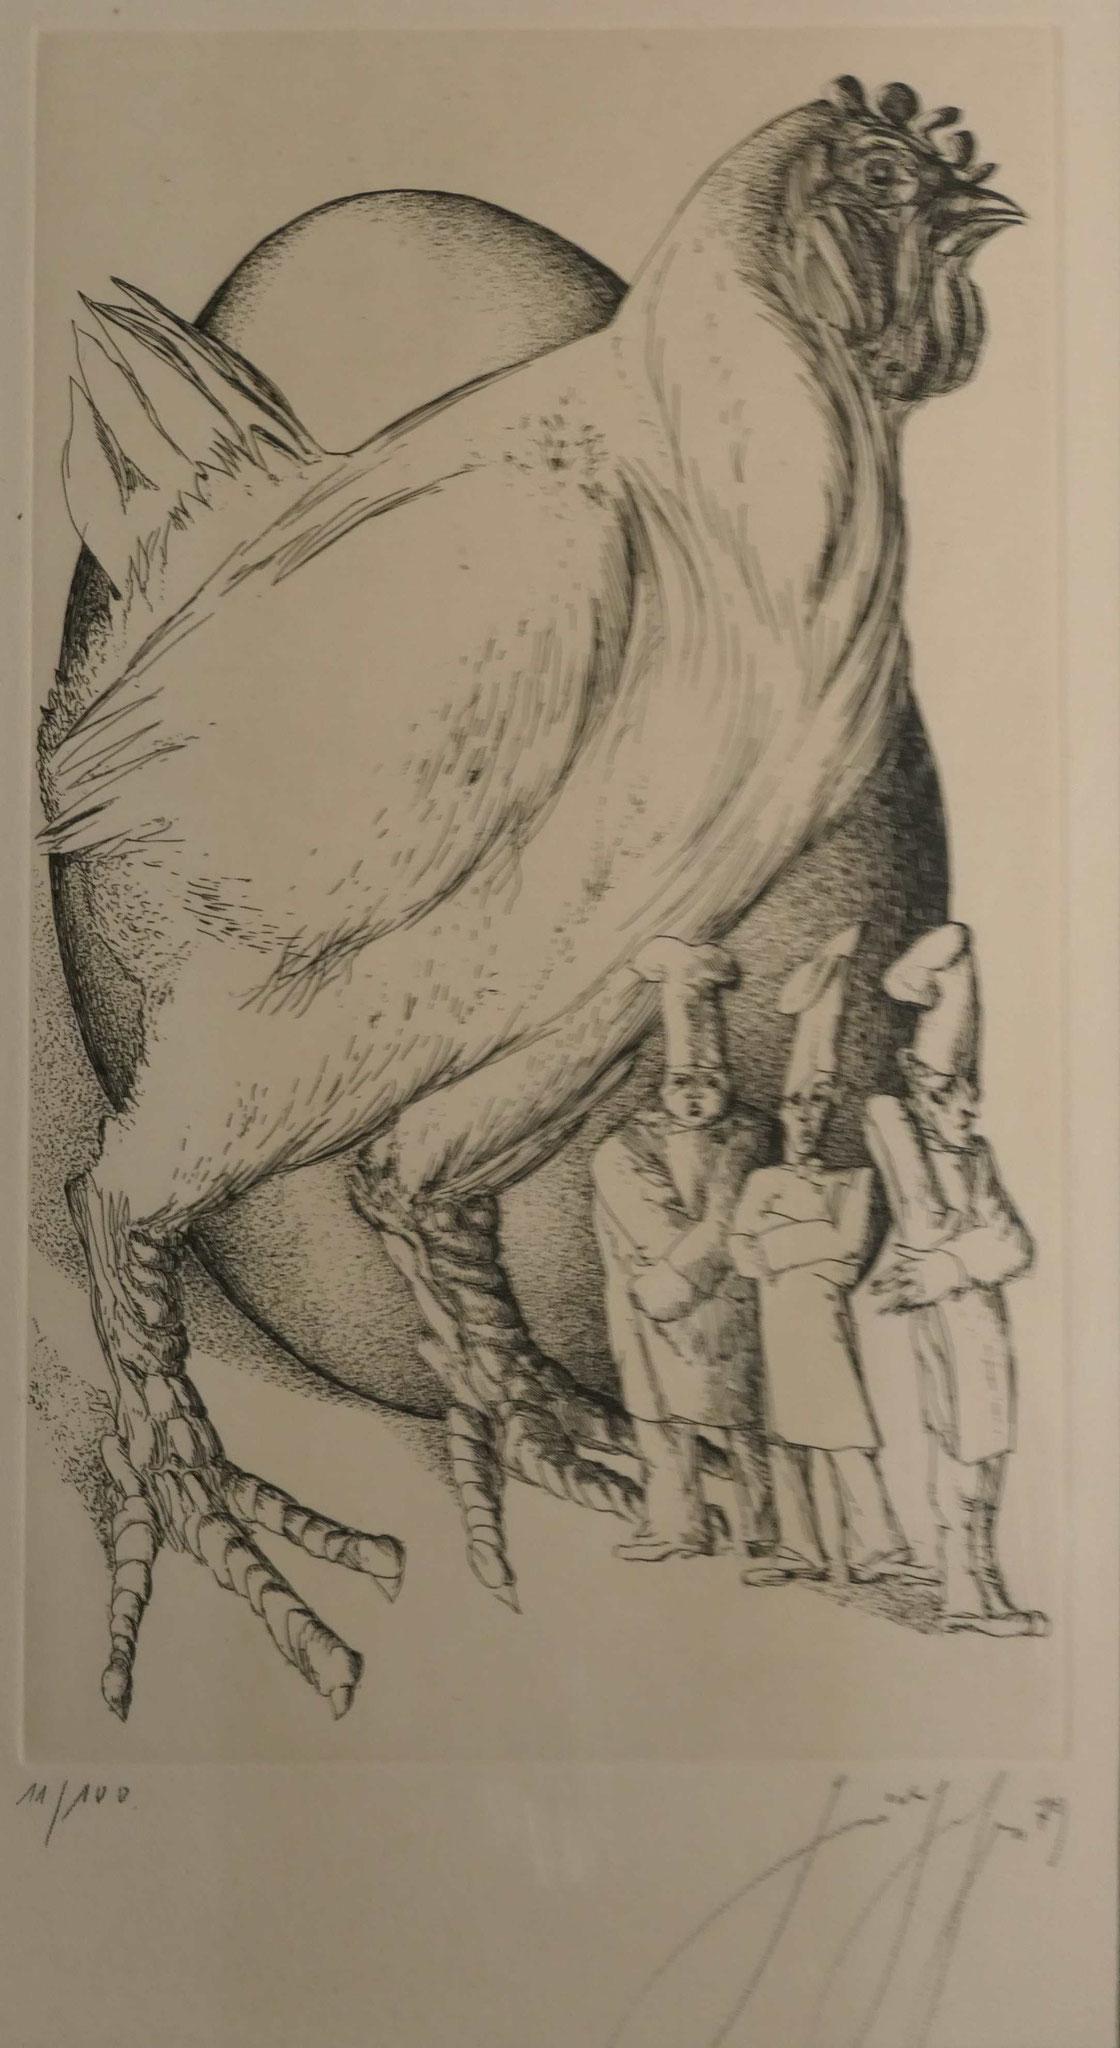 Günter Grass, Zu kleine Köche, Radierung, Privatbesitz